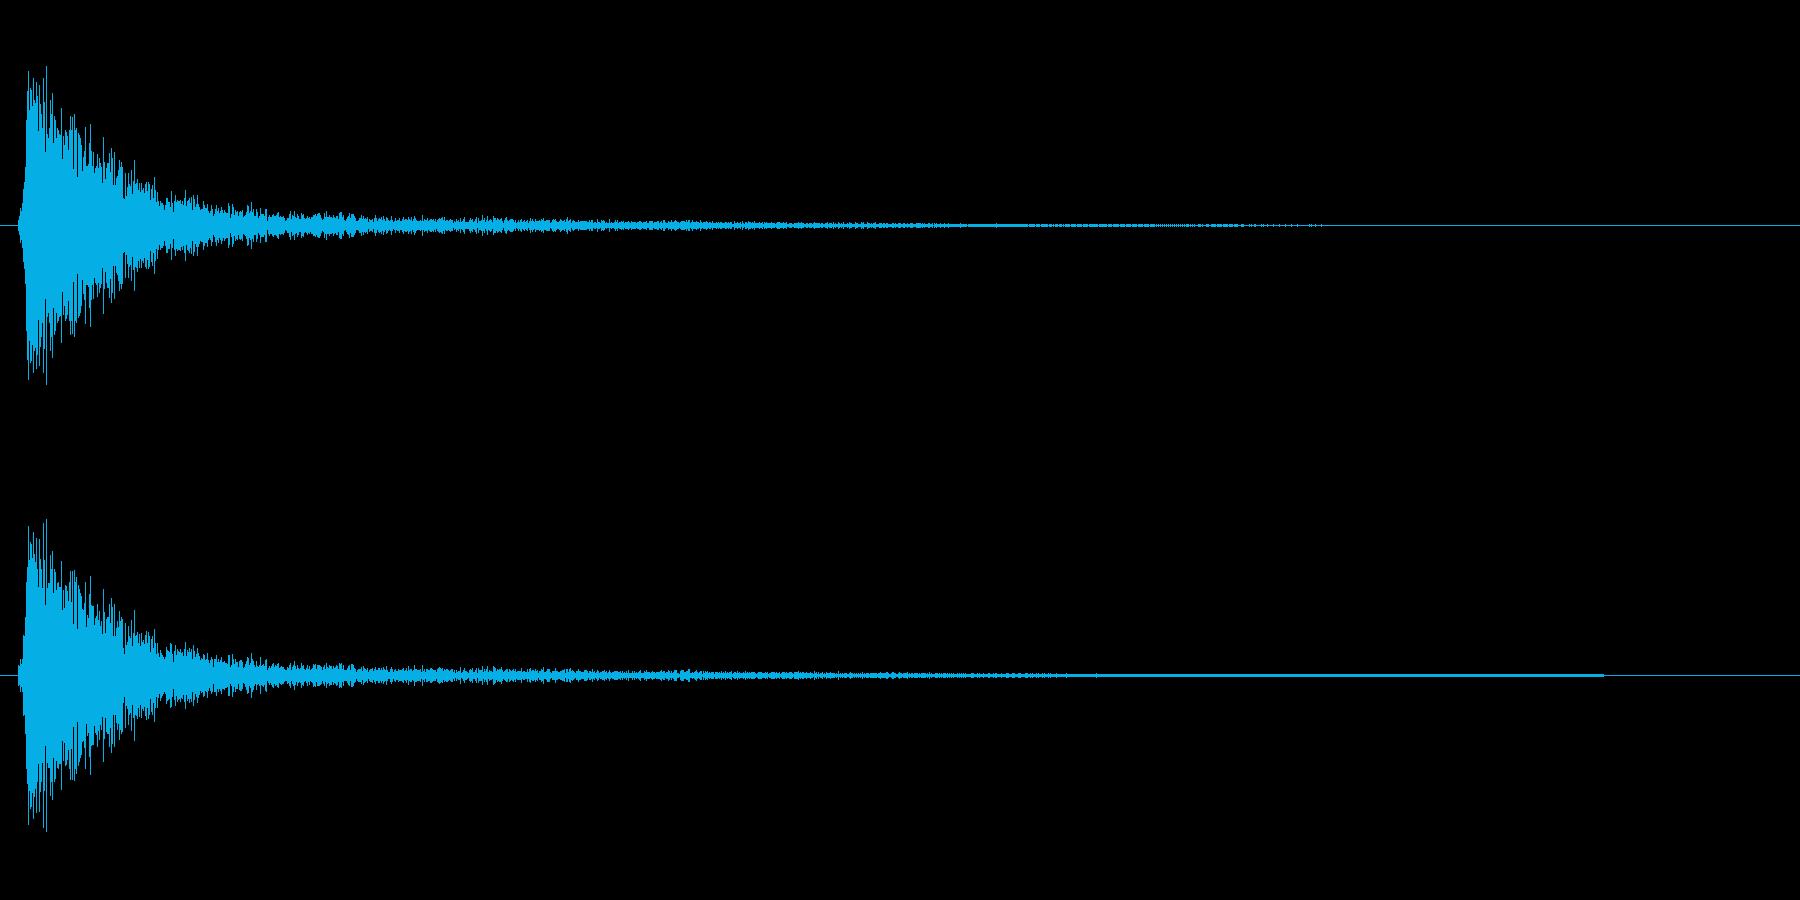 パシッ(軽いビンタの音)の再生済みの波形